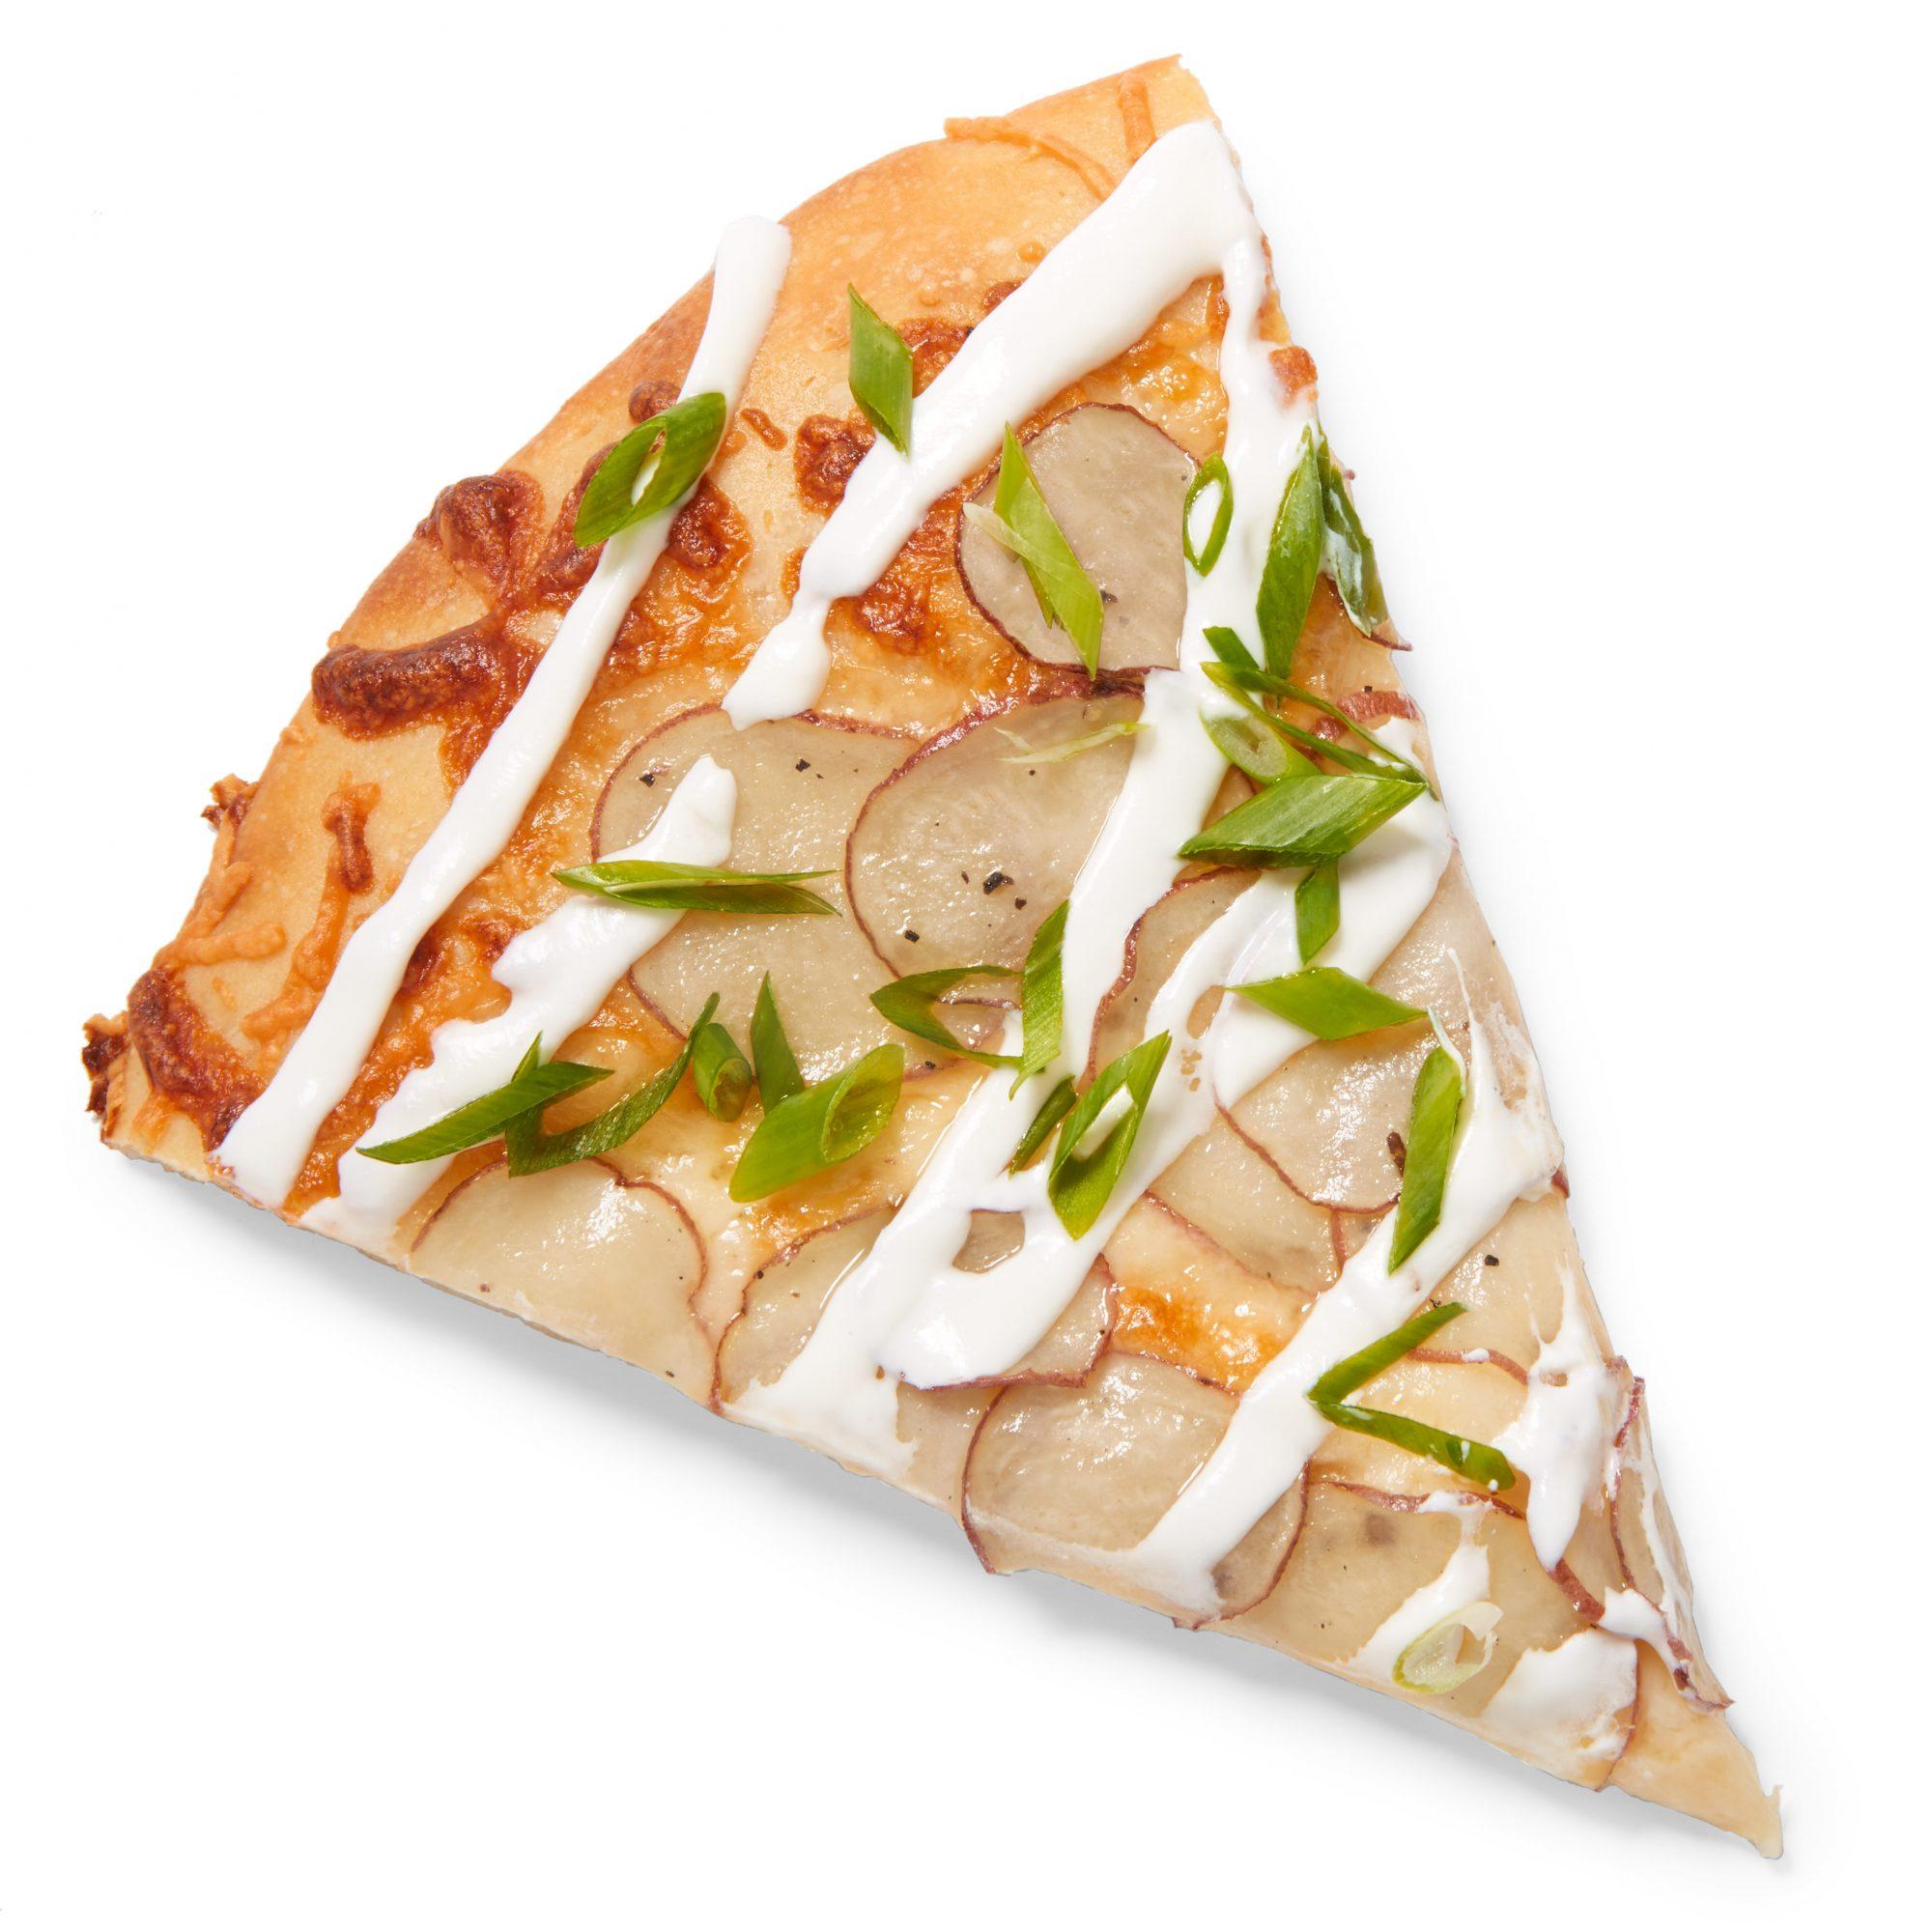 Sour Cream & Onion Potato Pizza